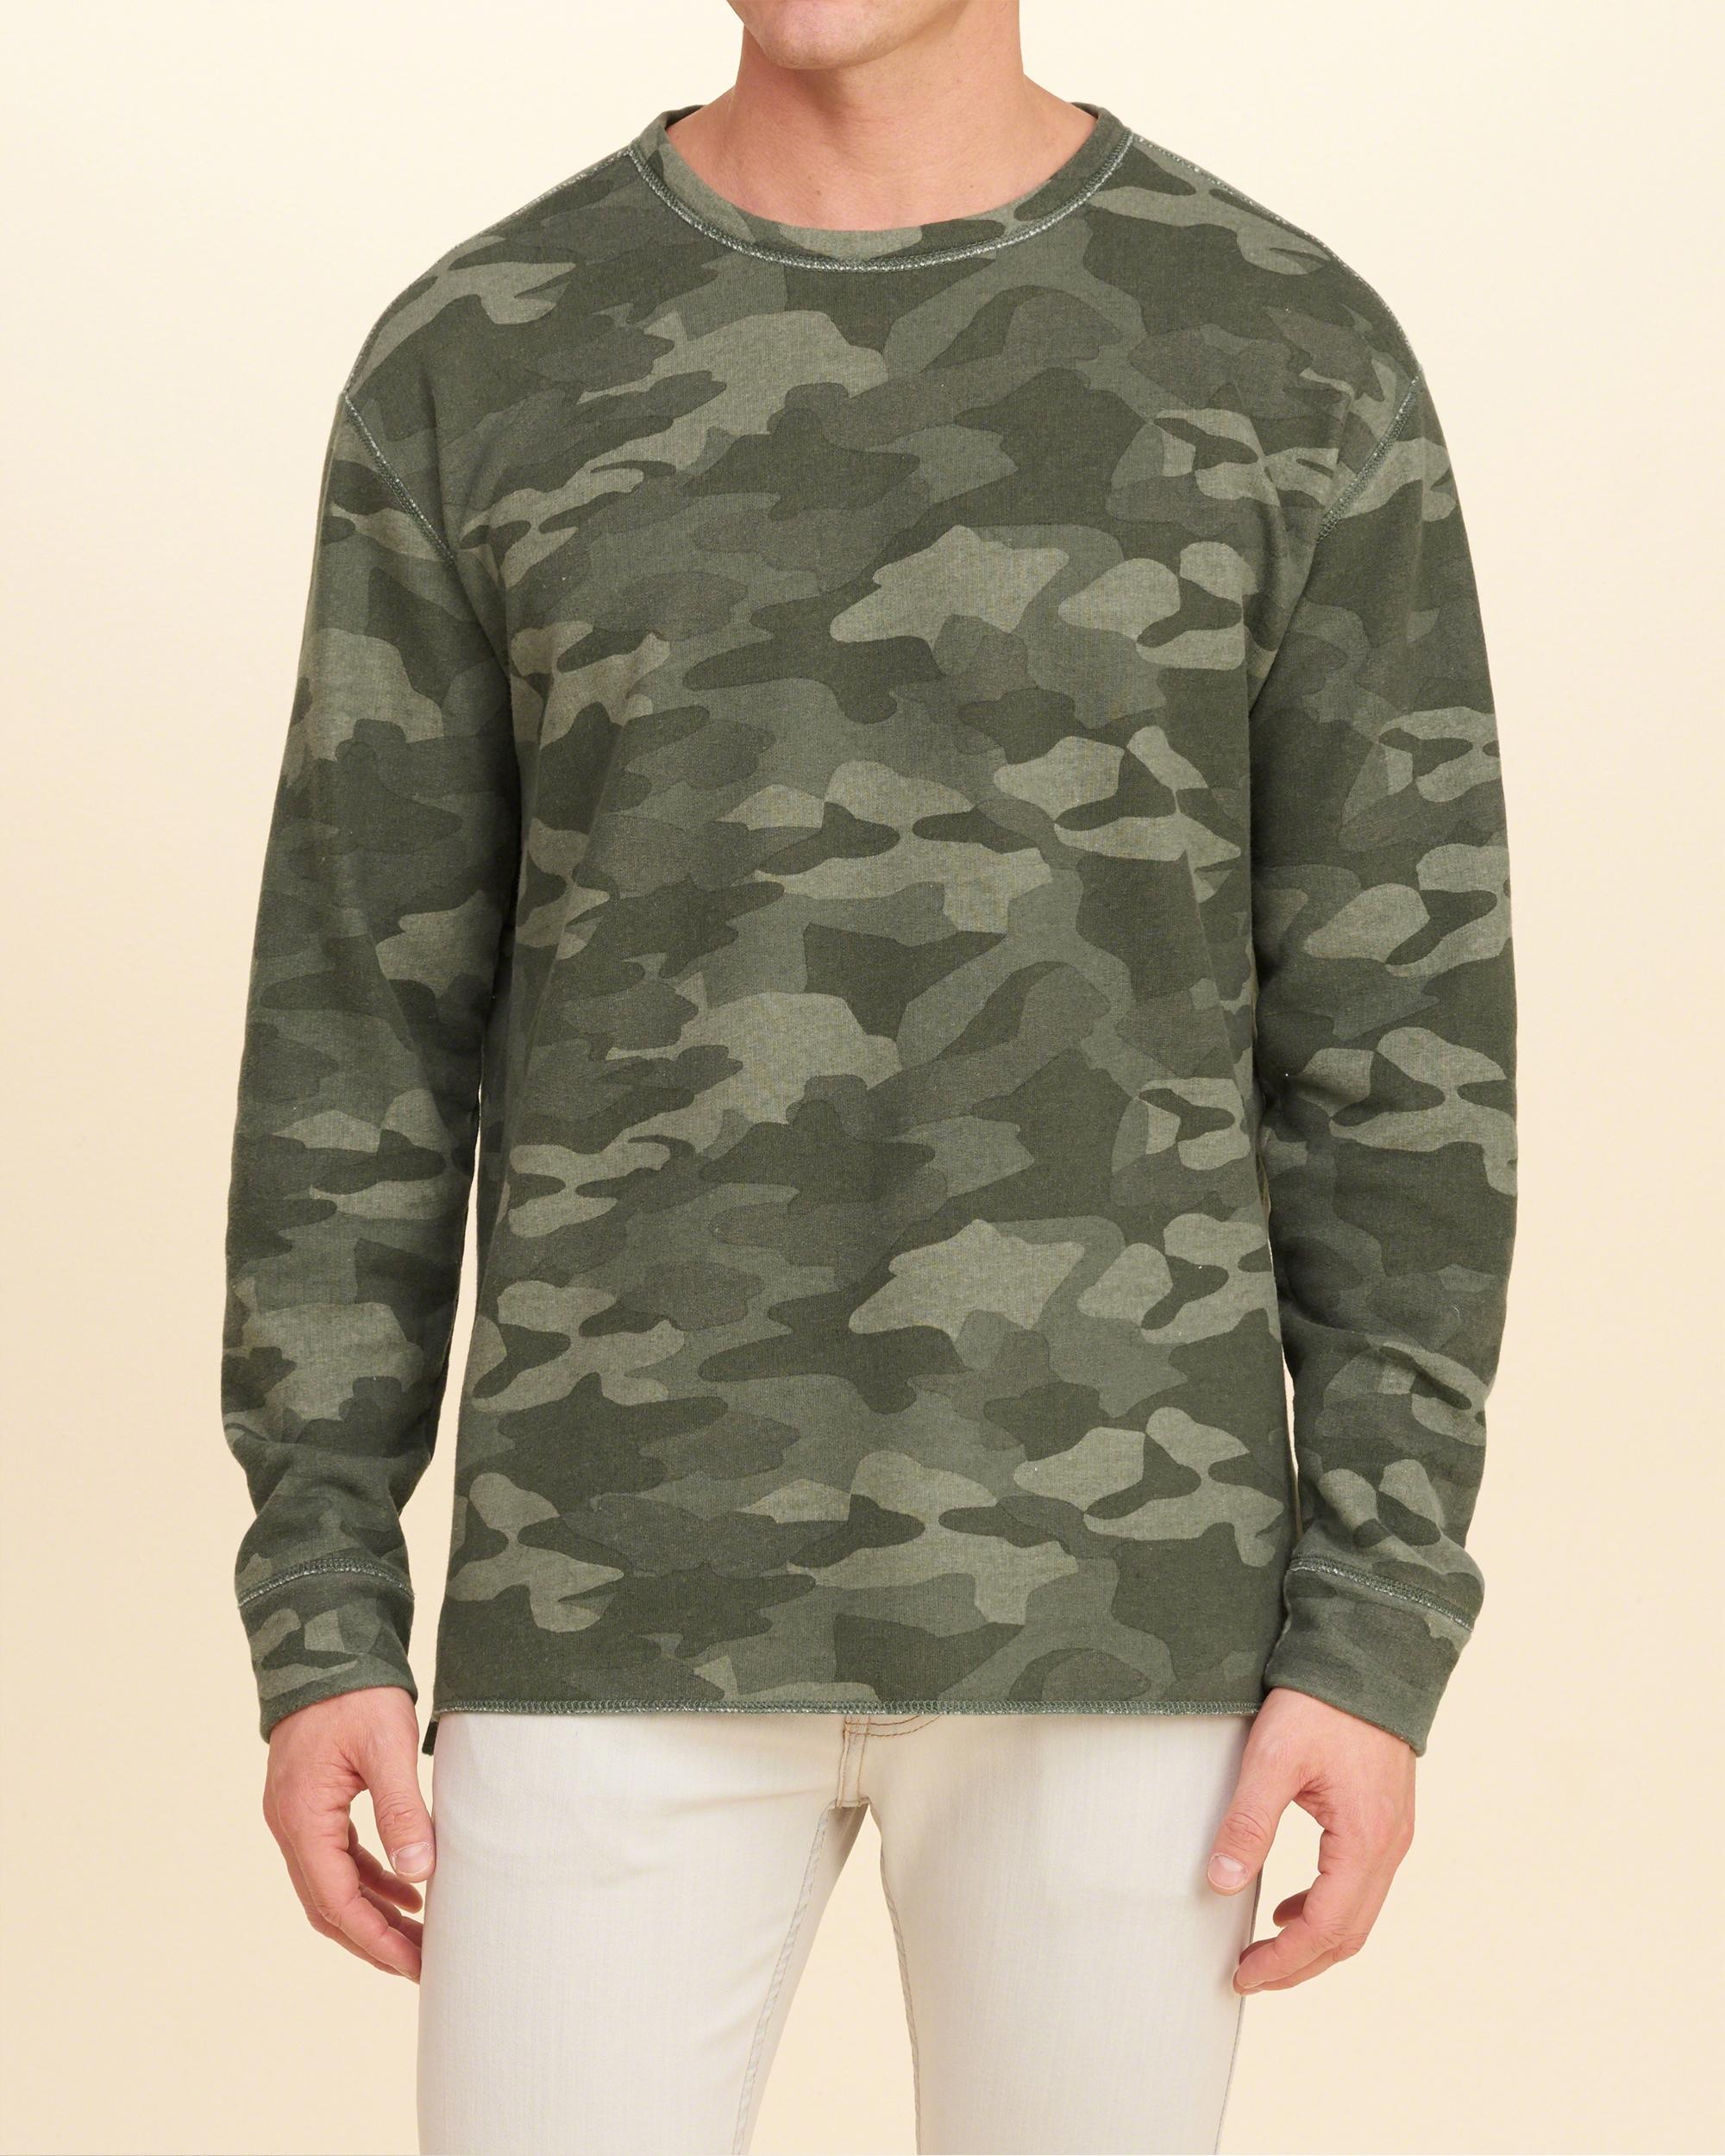 Lyst Hollister Camo Crew Sweatshirt In Green For Men